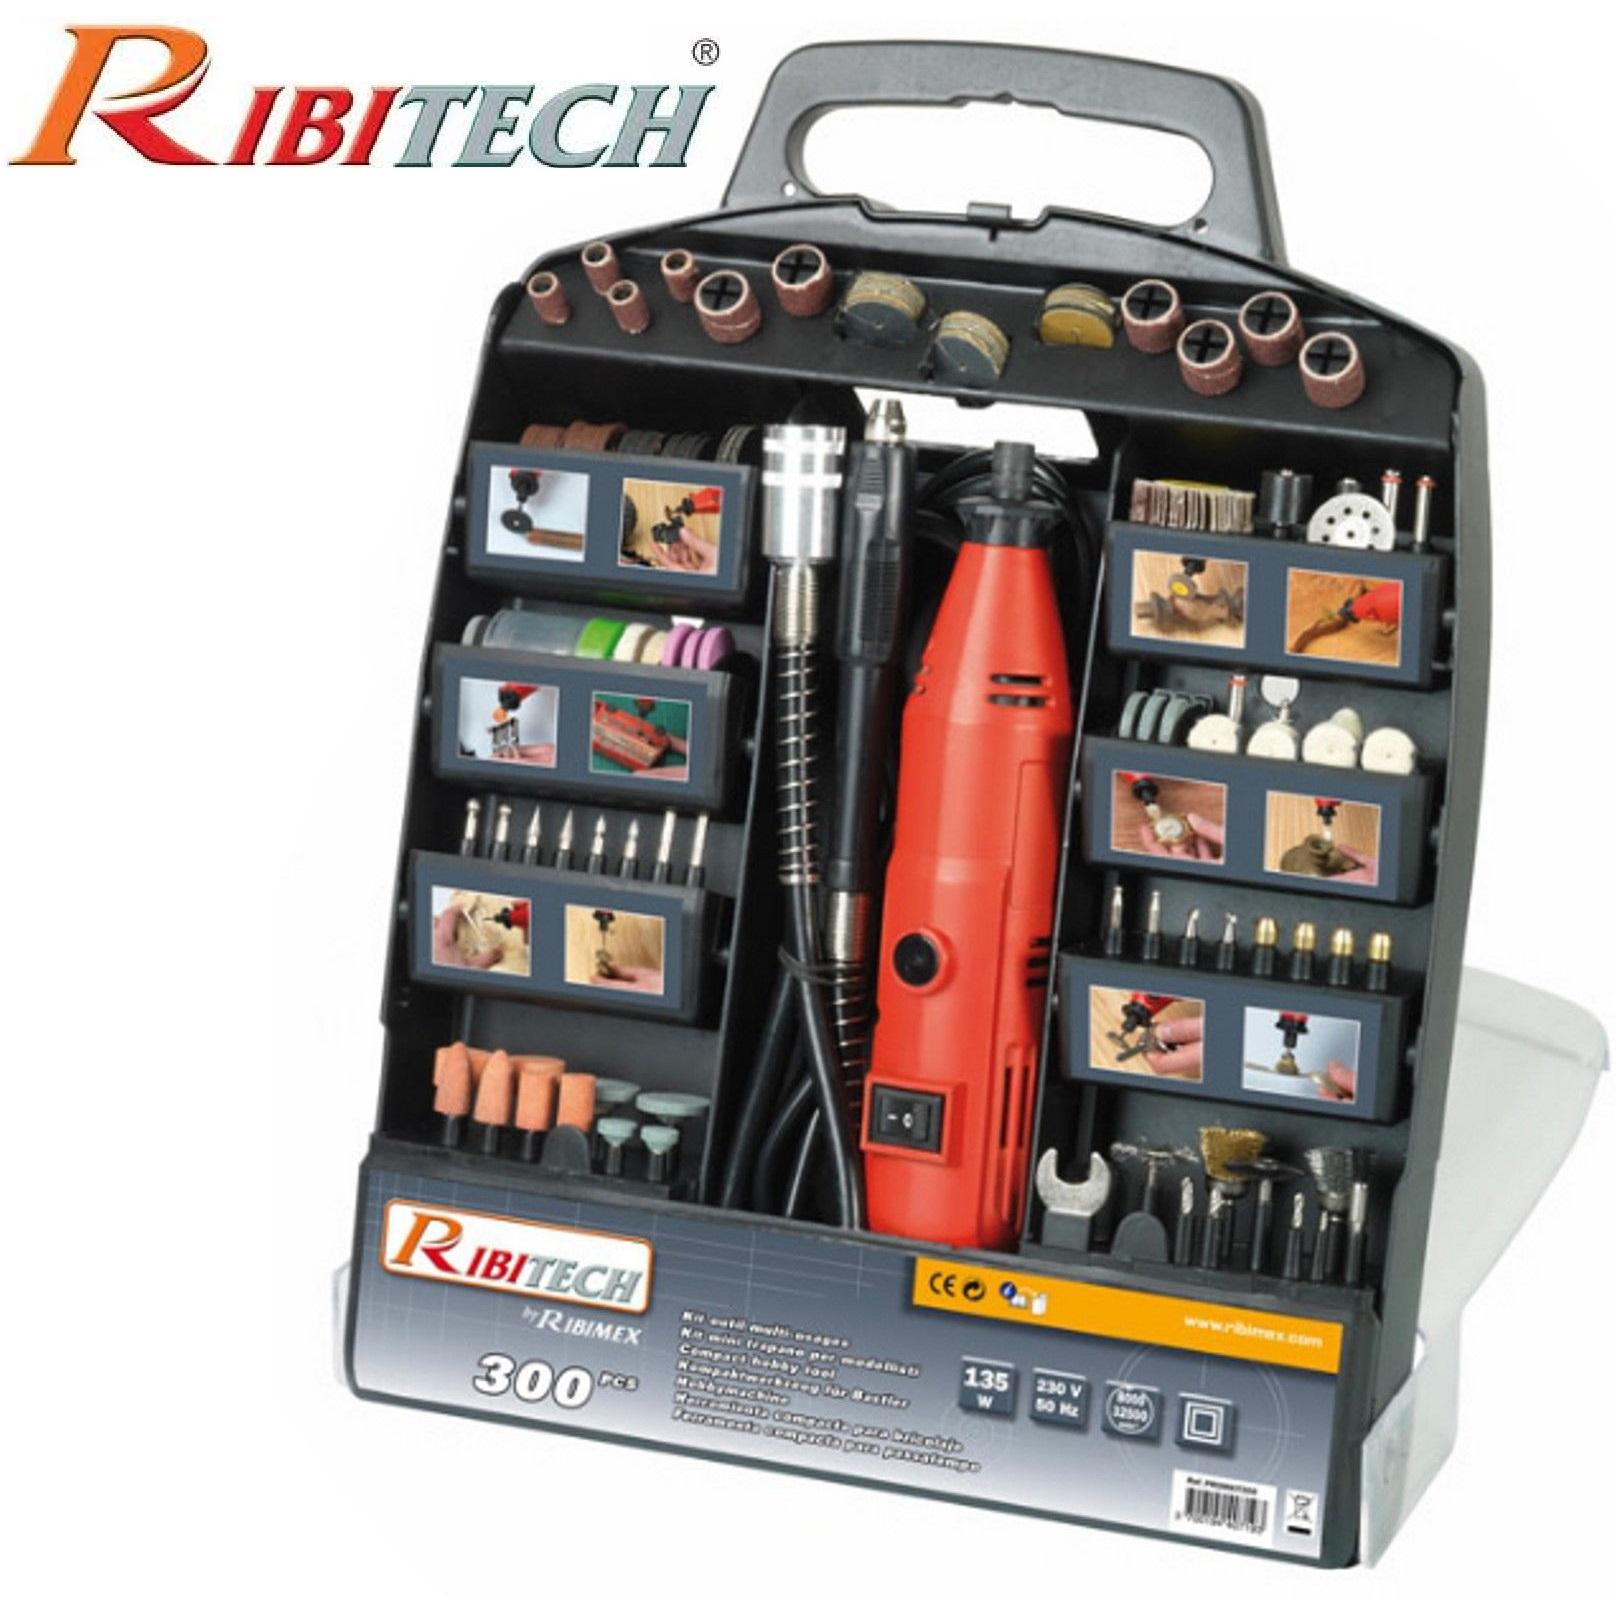 Ribimex mini trapano multifunzione 135w modellismo 300 for Elettroutensili parkside